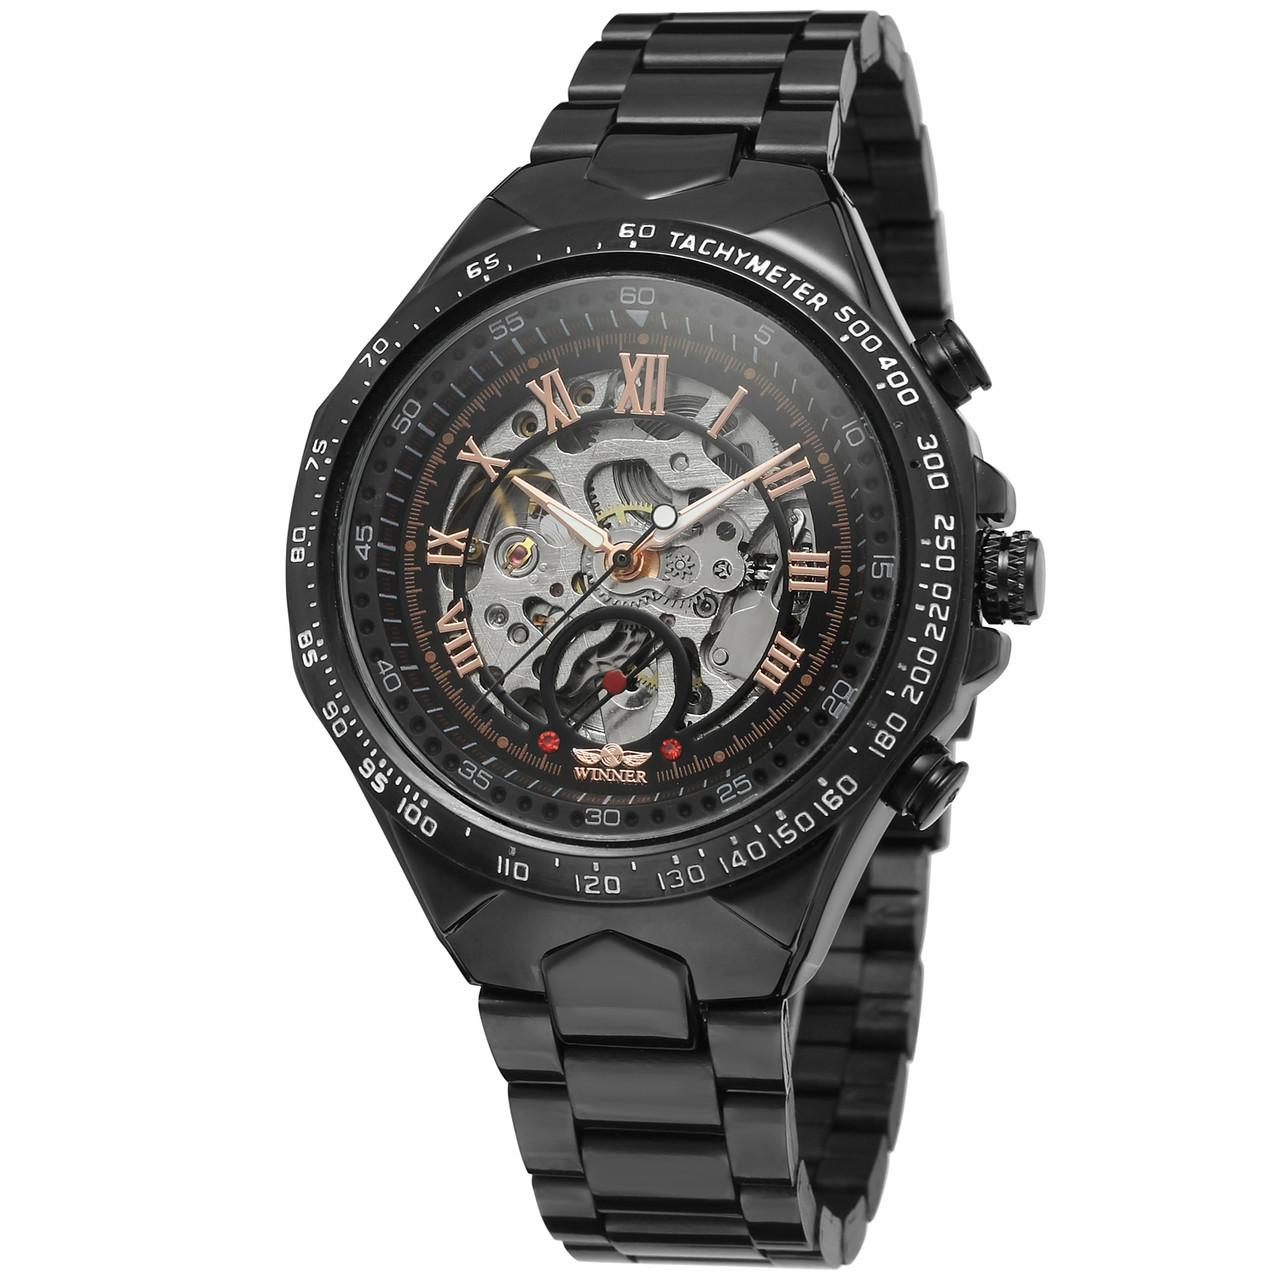 Годинники Winner (Віннер скелетон) 8067 Black-Silver-Red Cristal, Чоловічі, Сталевий браслет